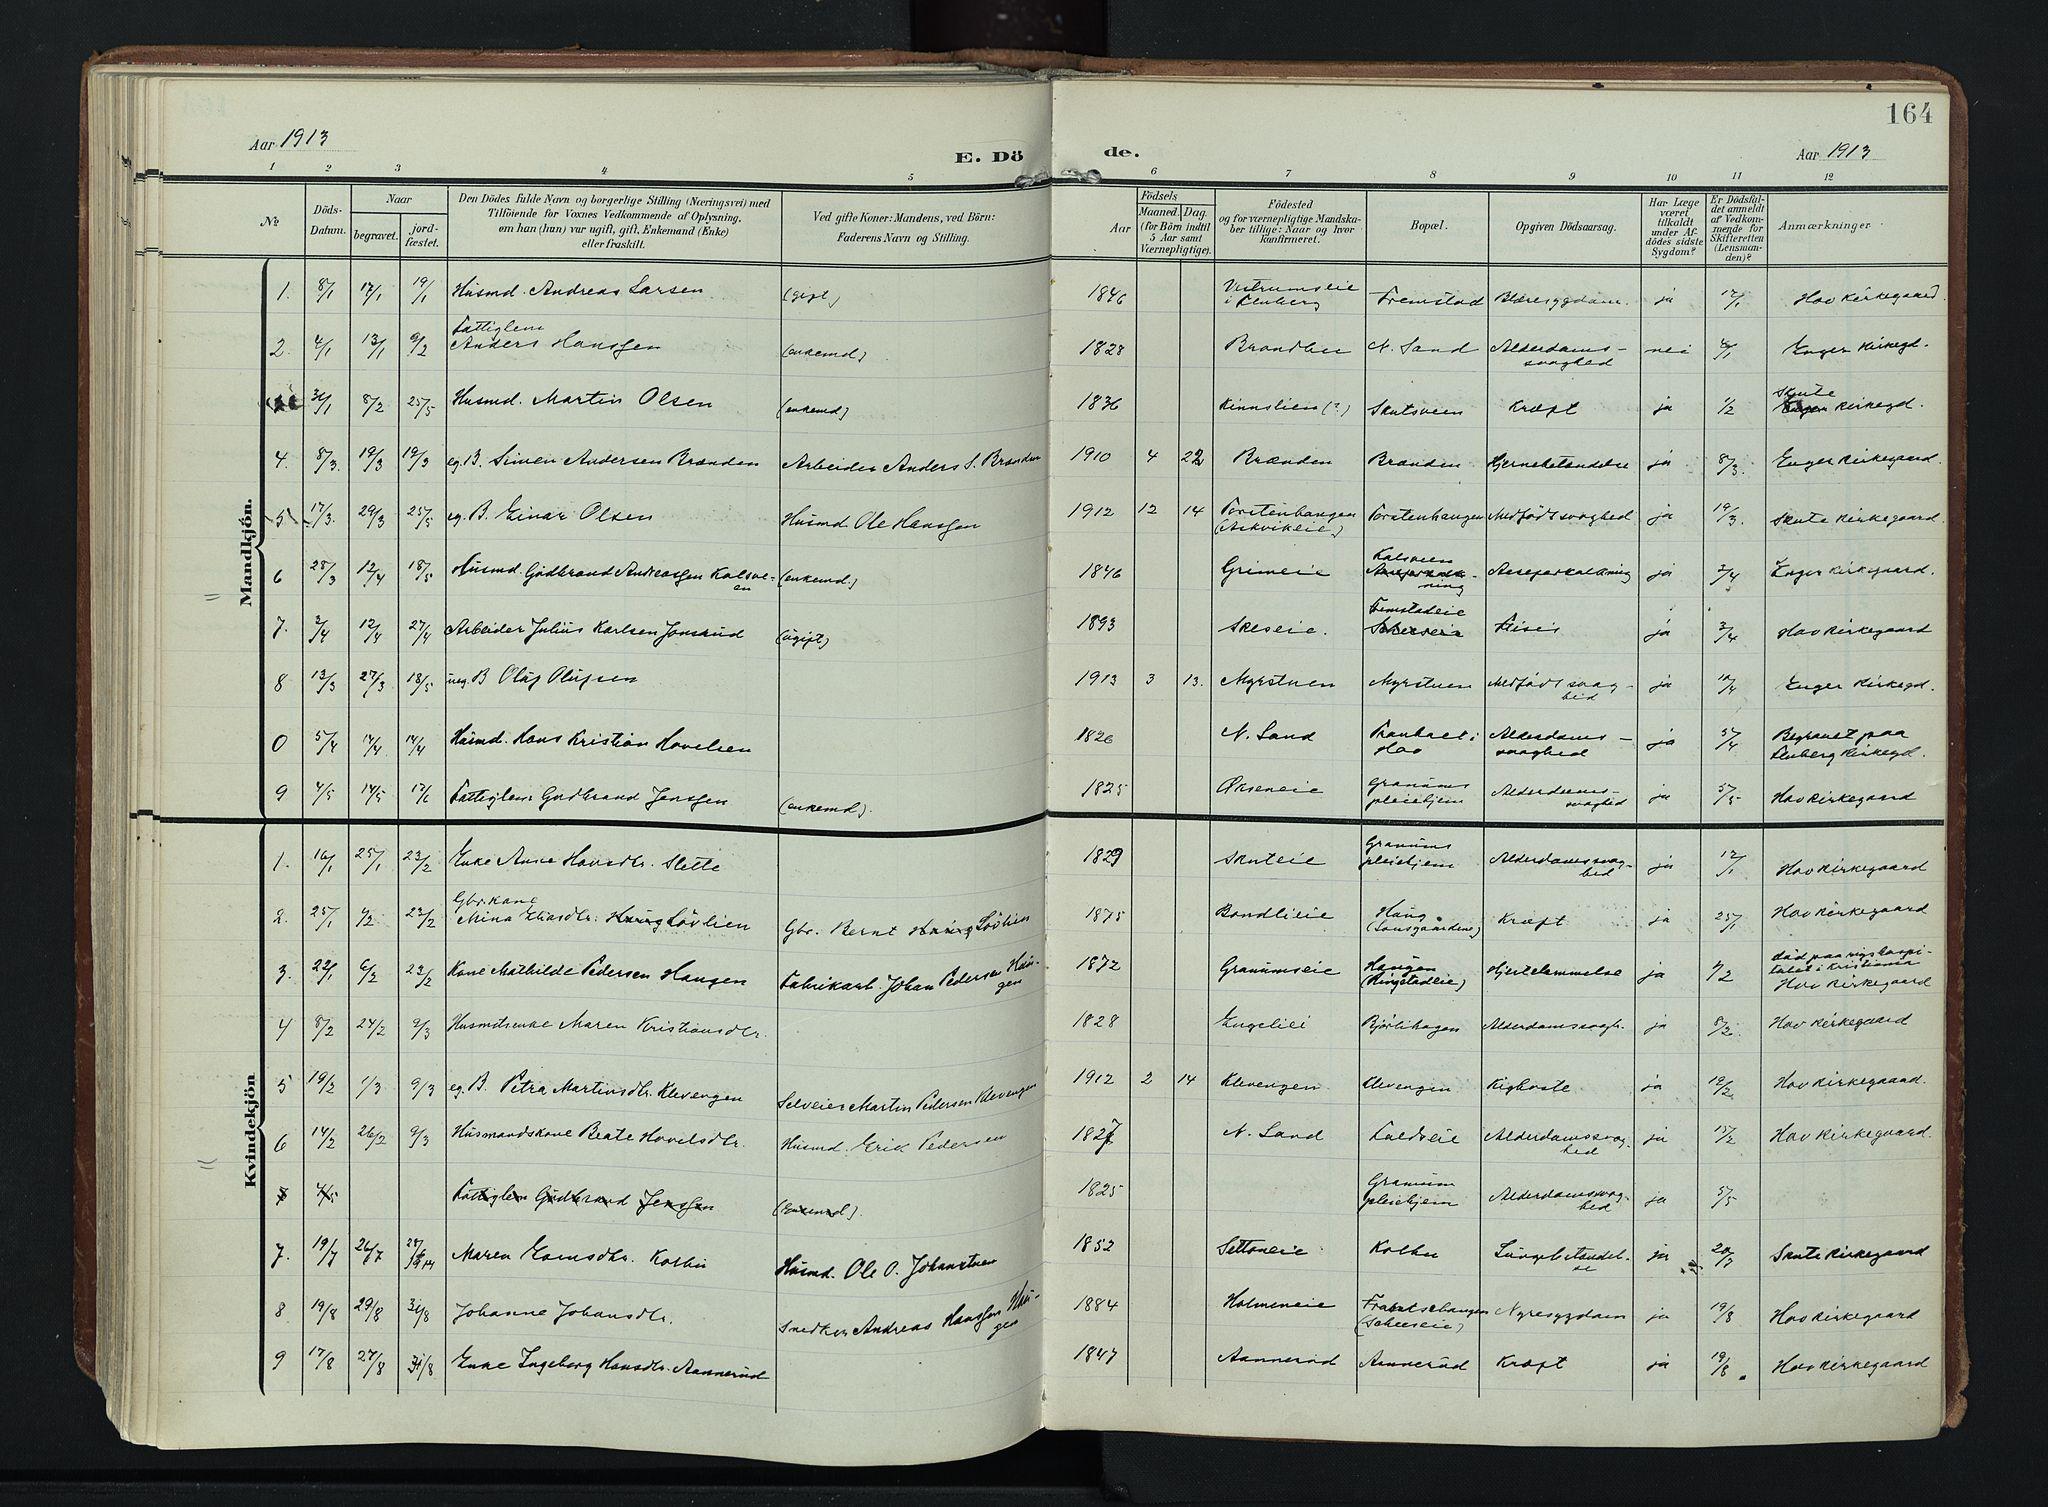 SAH, Søndre Land prestekontor, K/L0007: Ministerialbok nr. 7, 1905-1914, s. 164